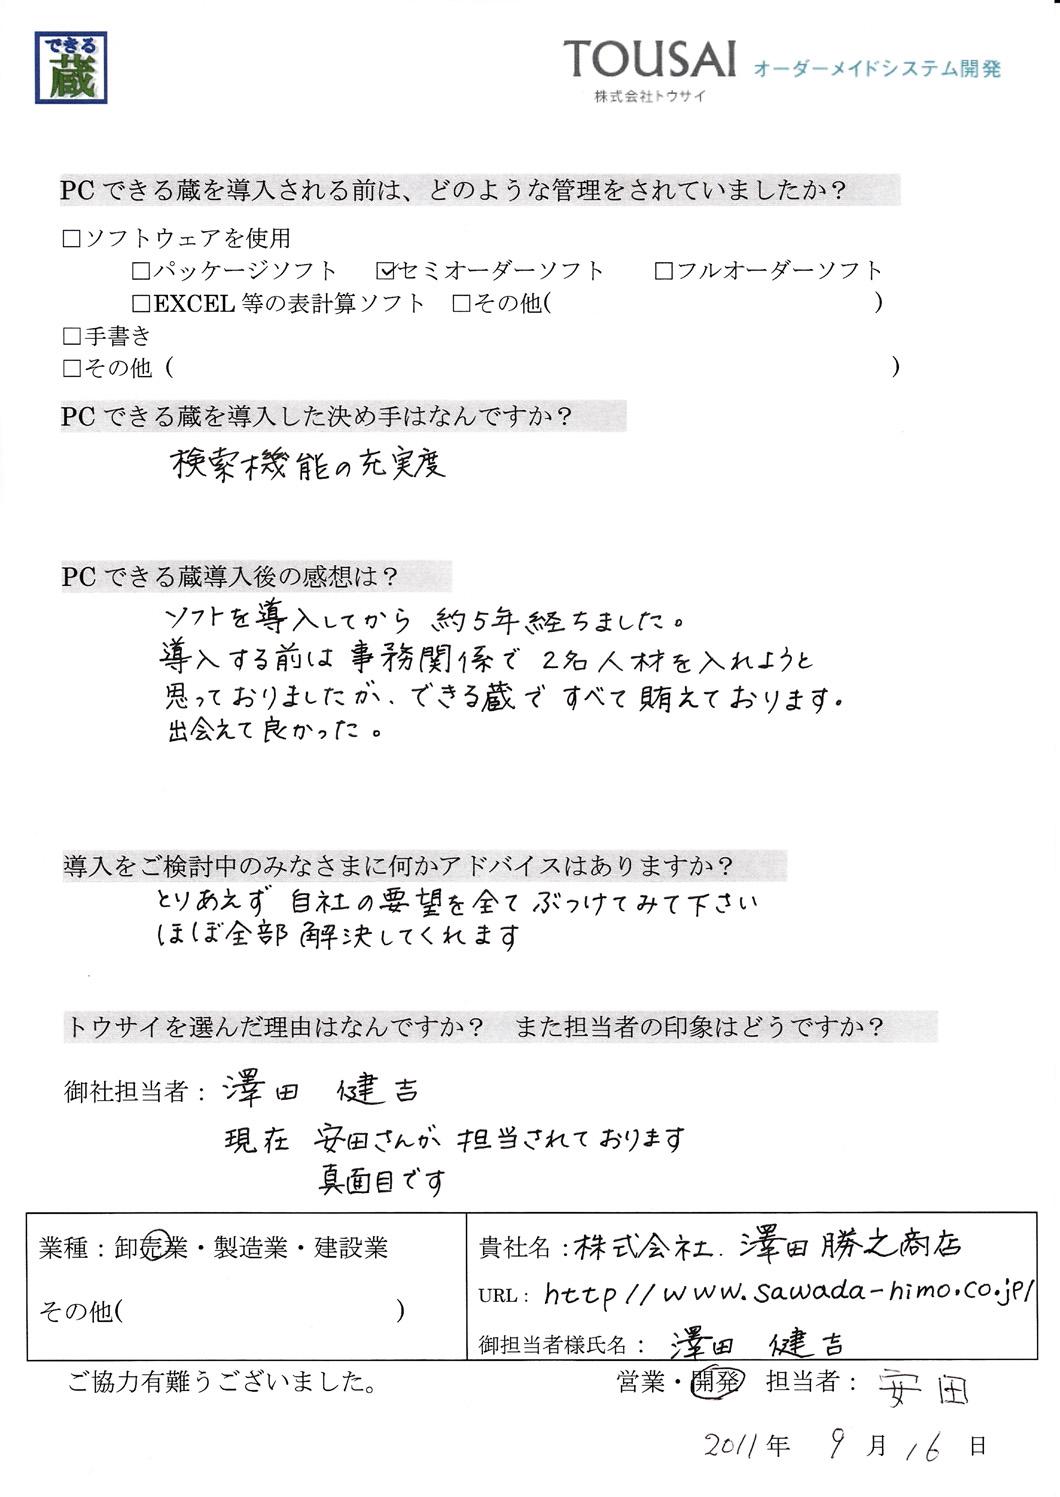 株式会社 澤田勝之商店 様